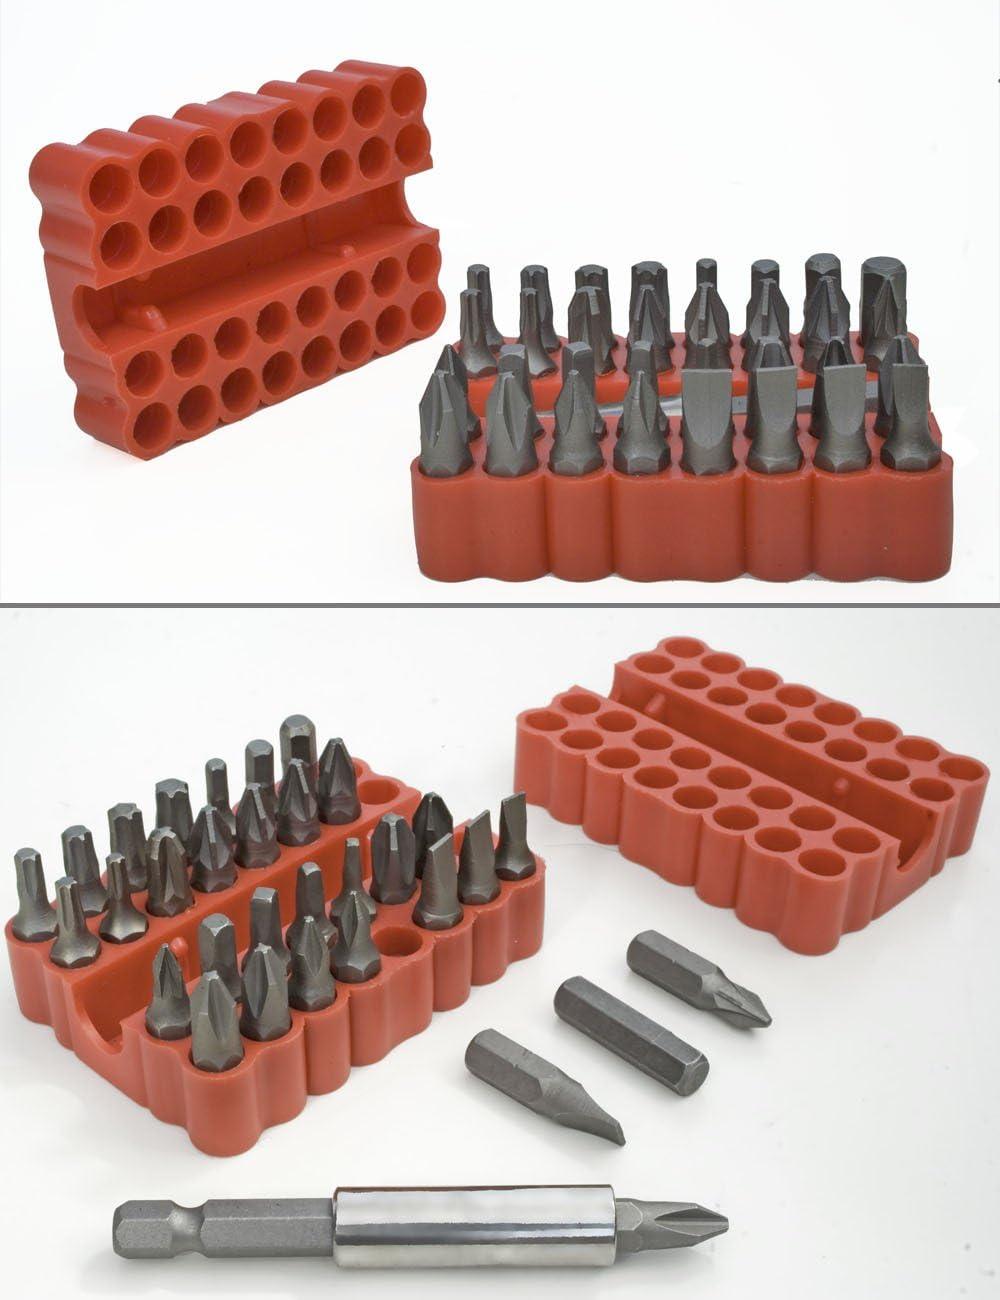 /33/pi/èces standard Bit Set Bits avec support magn/étique in Box Croix de vis Torx 6/pans Fente Imbus Bits 33er Set fuxxer/®/